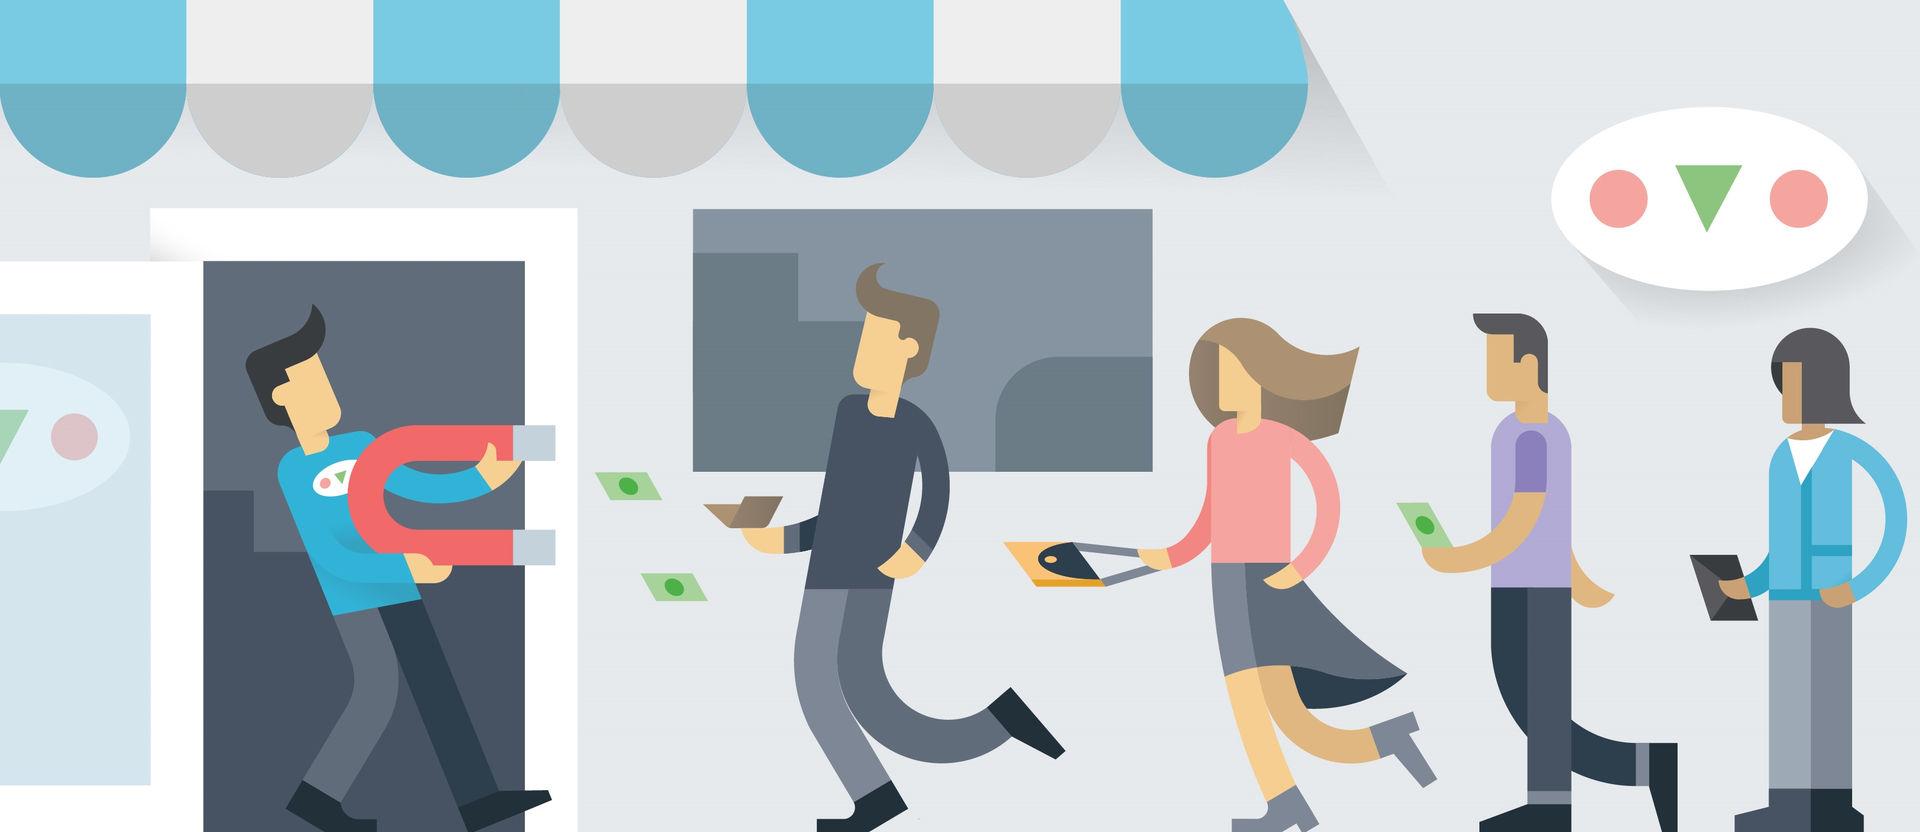 Cách thu hút khách hàng hiệu quả cho doanh nghiệp nhỏ - Cung cấp giải pháp  hỗ trợ kinh doanh online hiệu quả, tiết kiệm chi phí tối đa